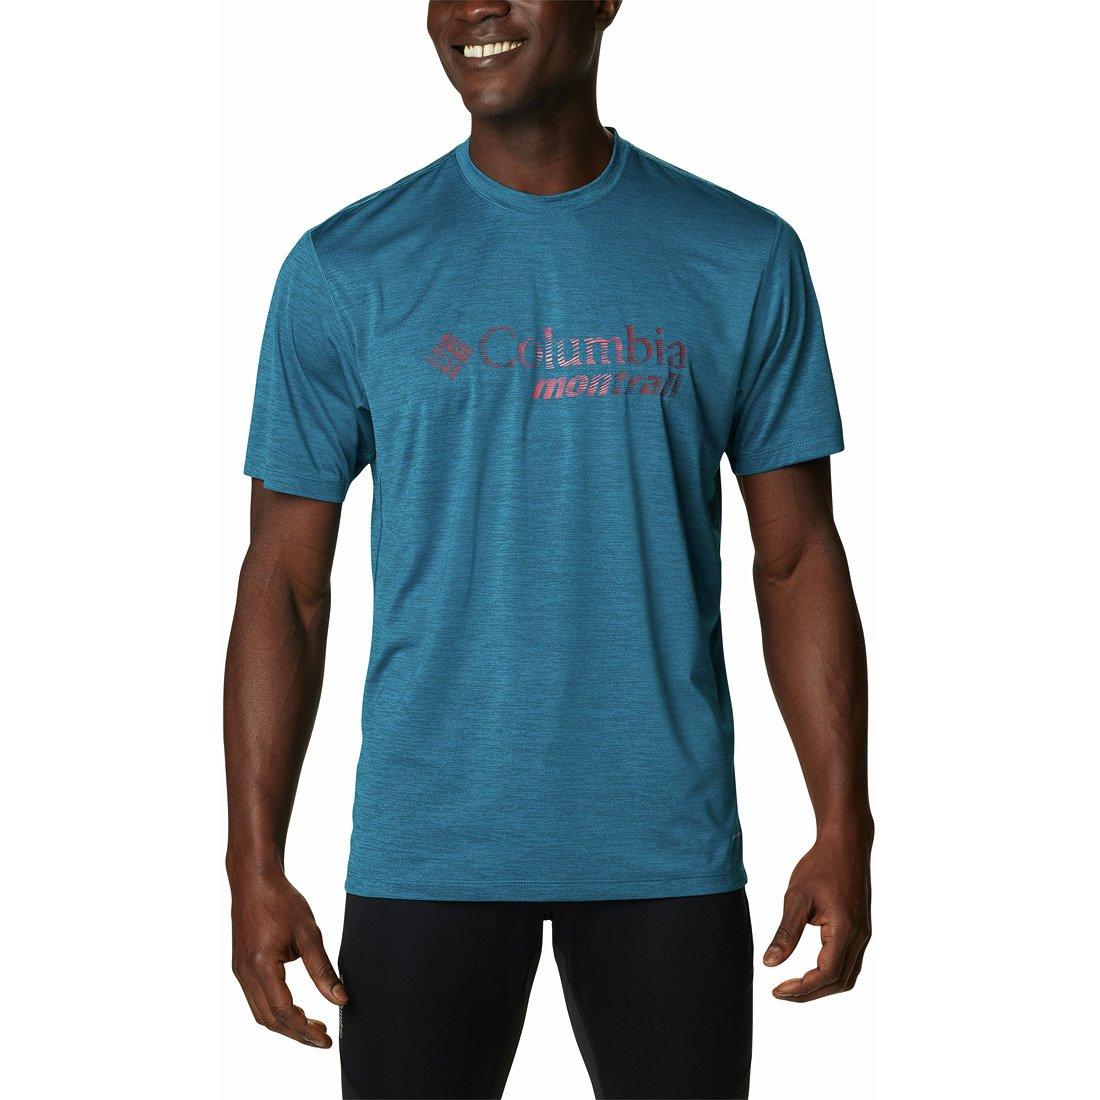 חולצה לגברים - Trinity Trail Graphic  T - Columbia Montrail